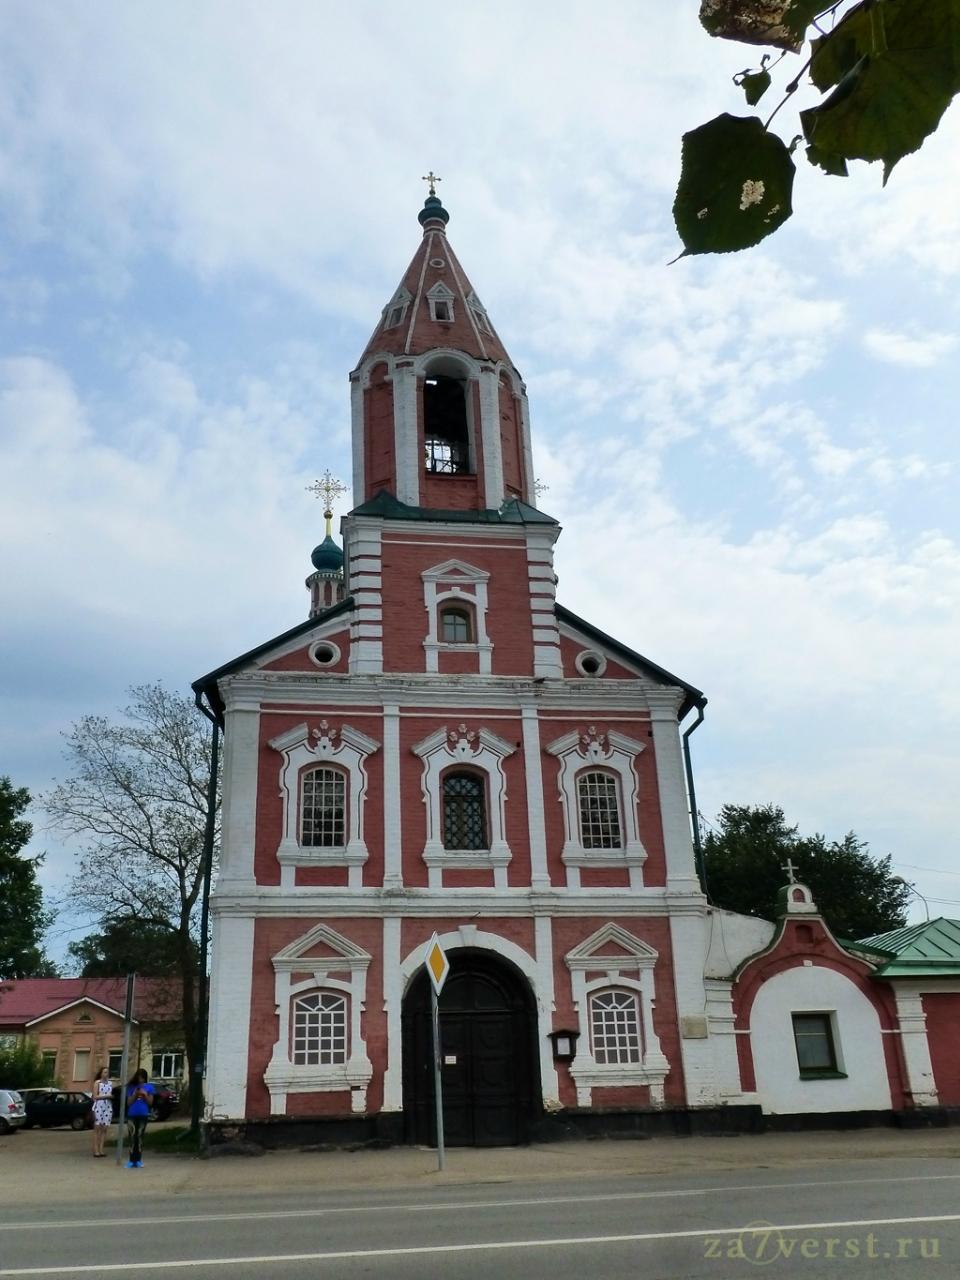 Переславль-Залесский (Ярославская область)